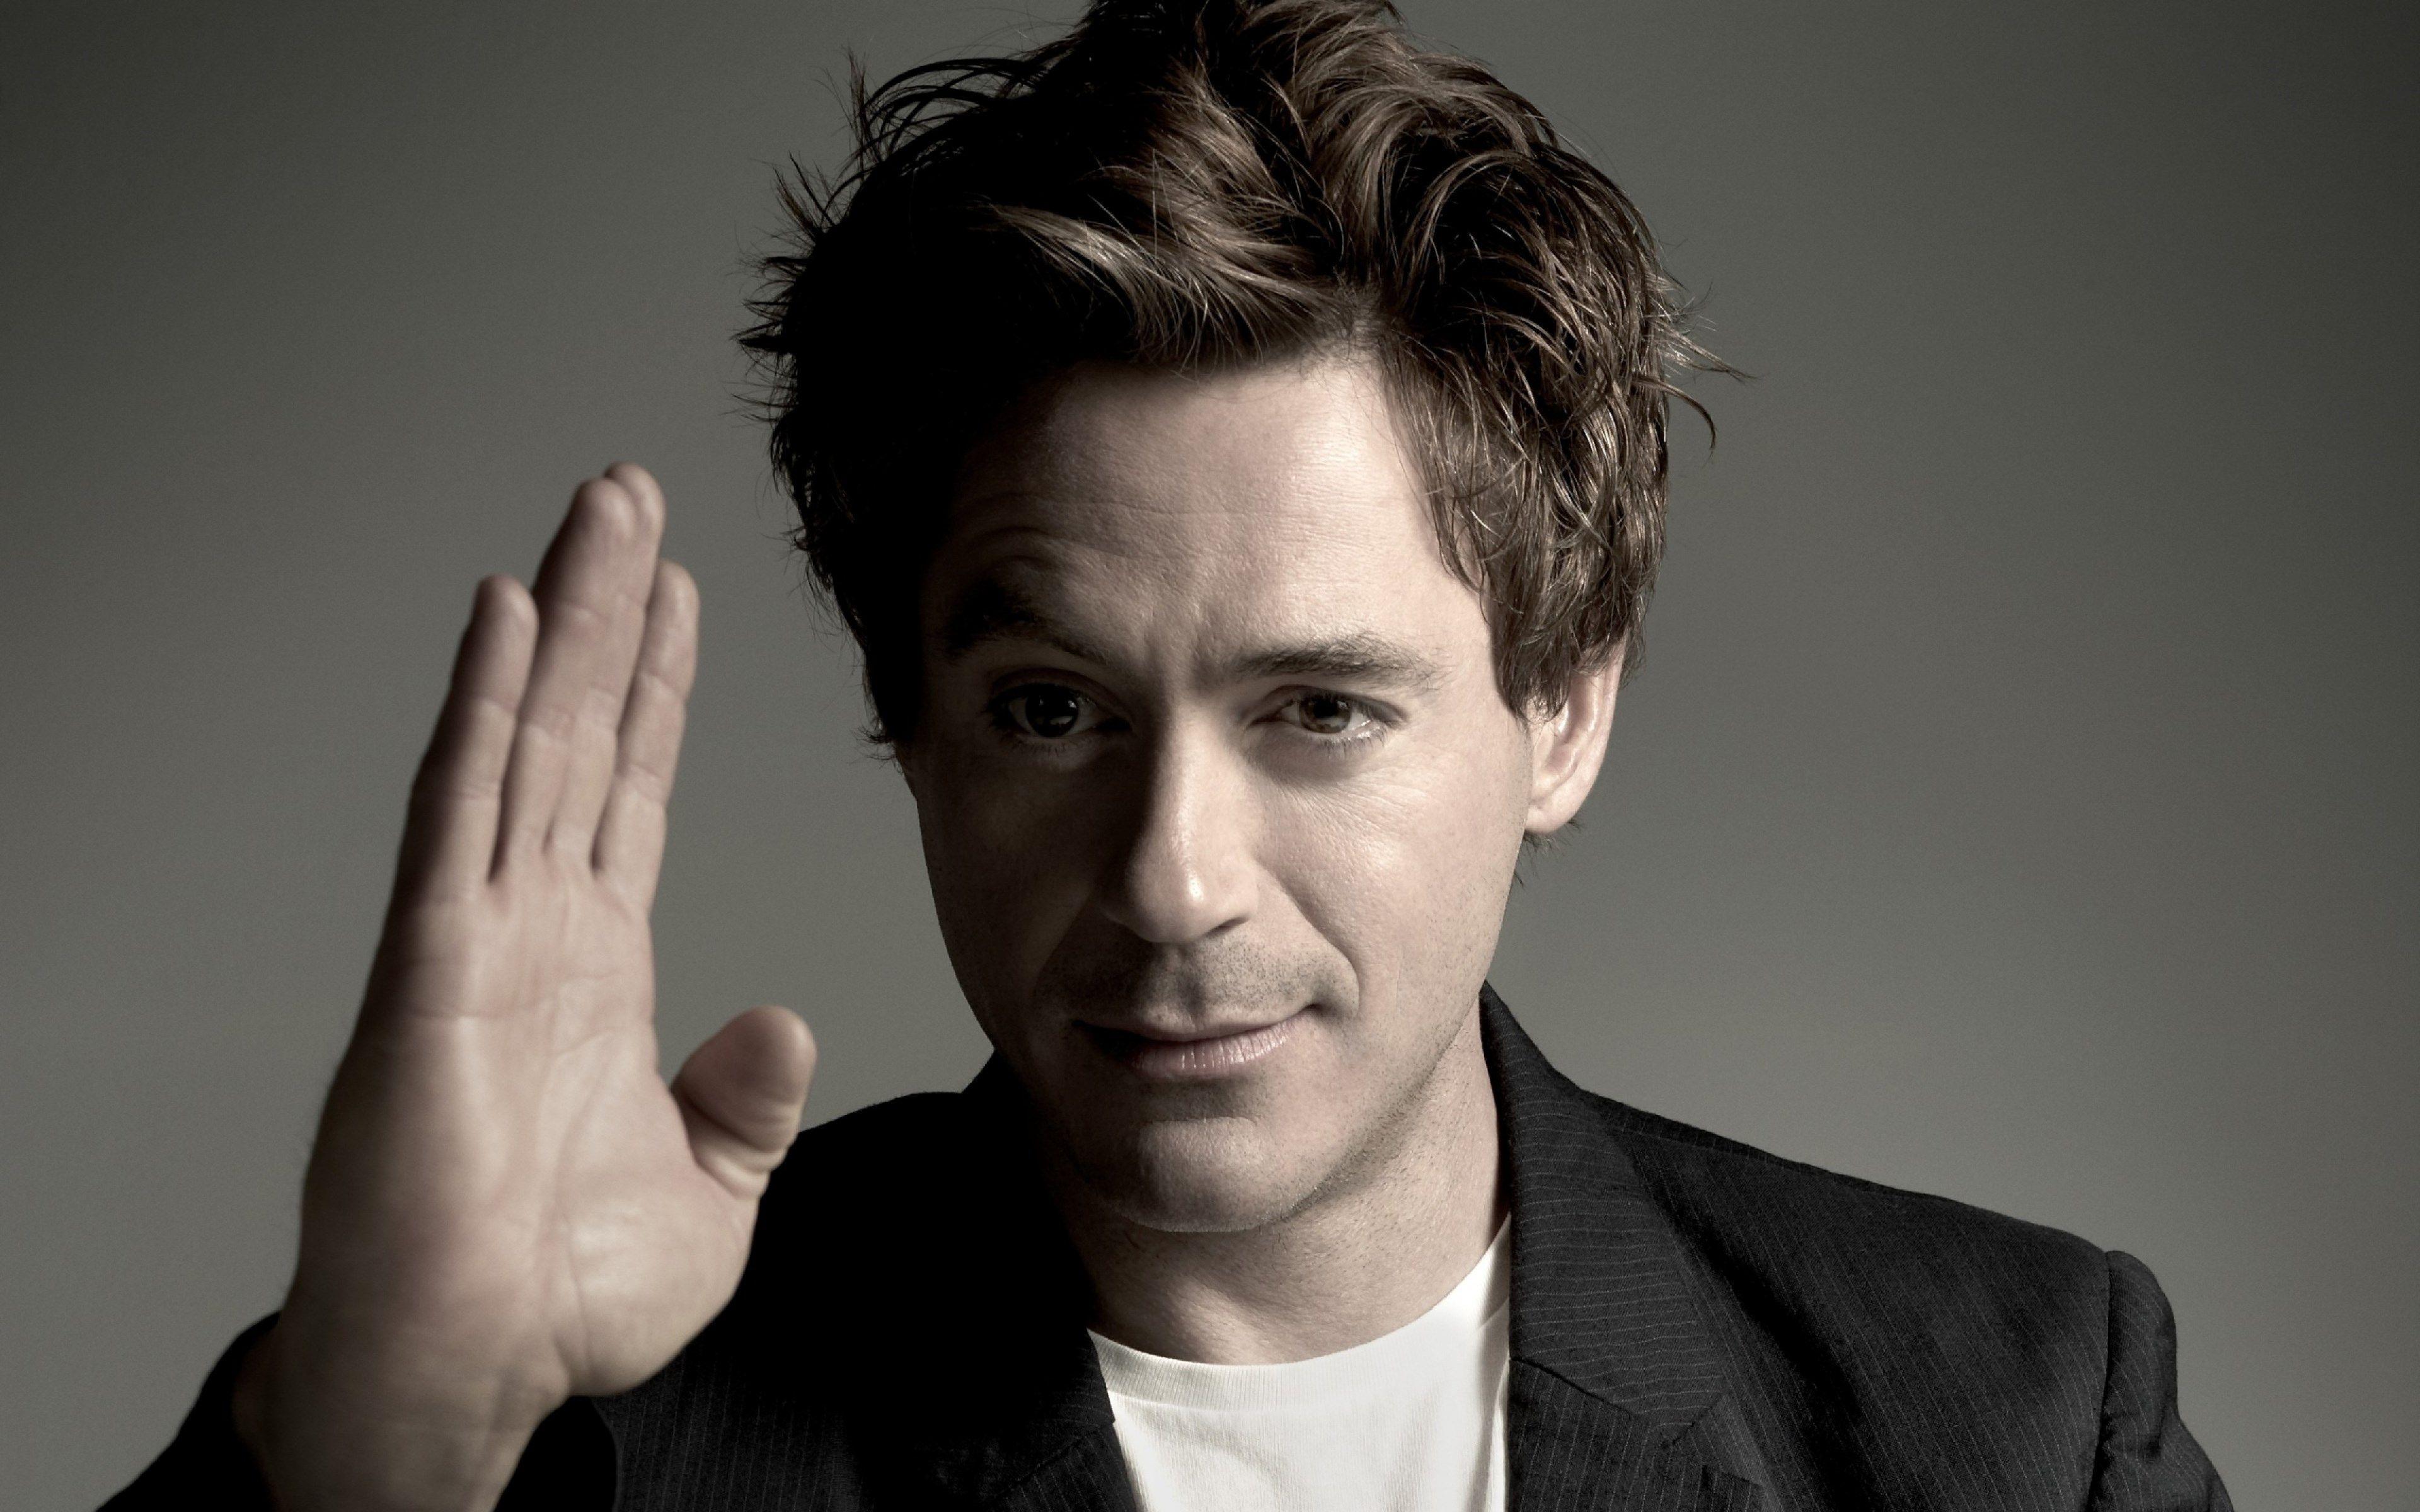 Robert Downey Jr Wallpaper Ultra 4k Hd Top Hollywood Actors